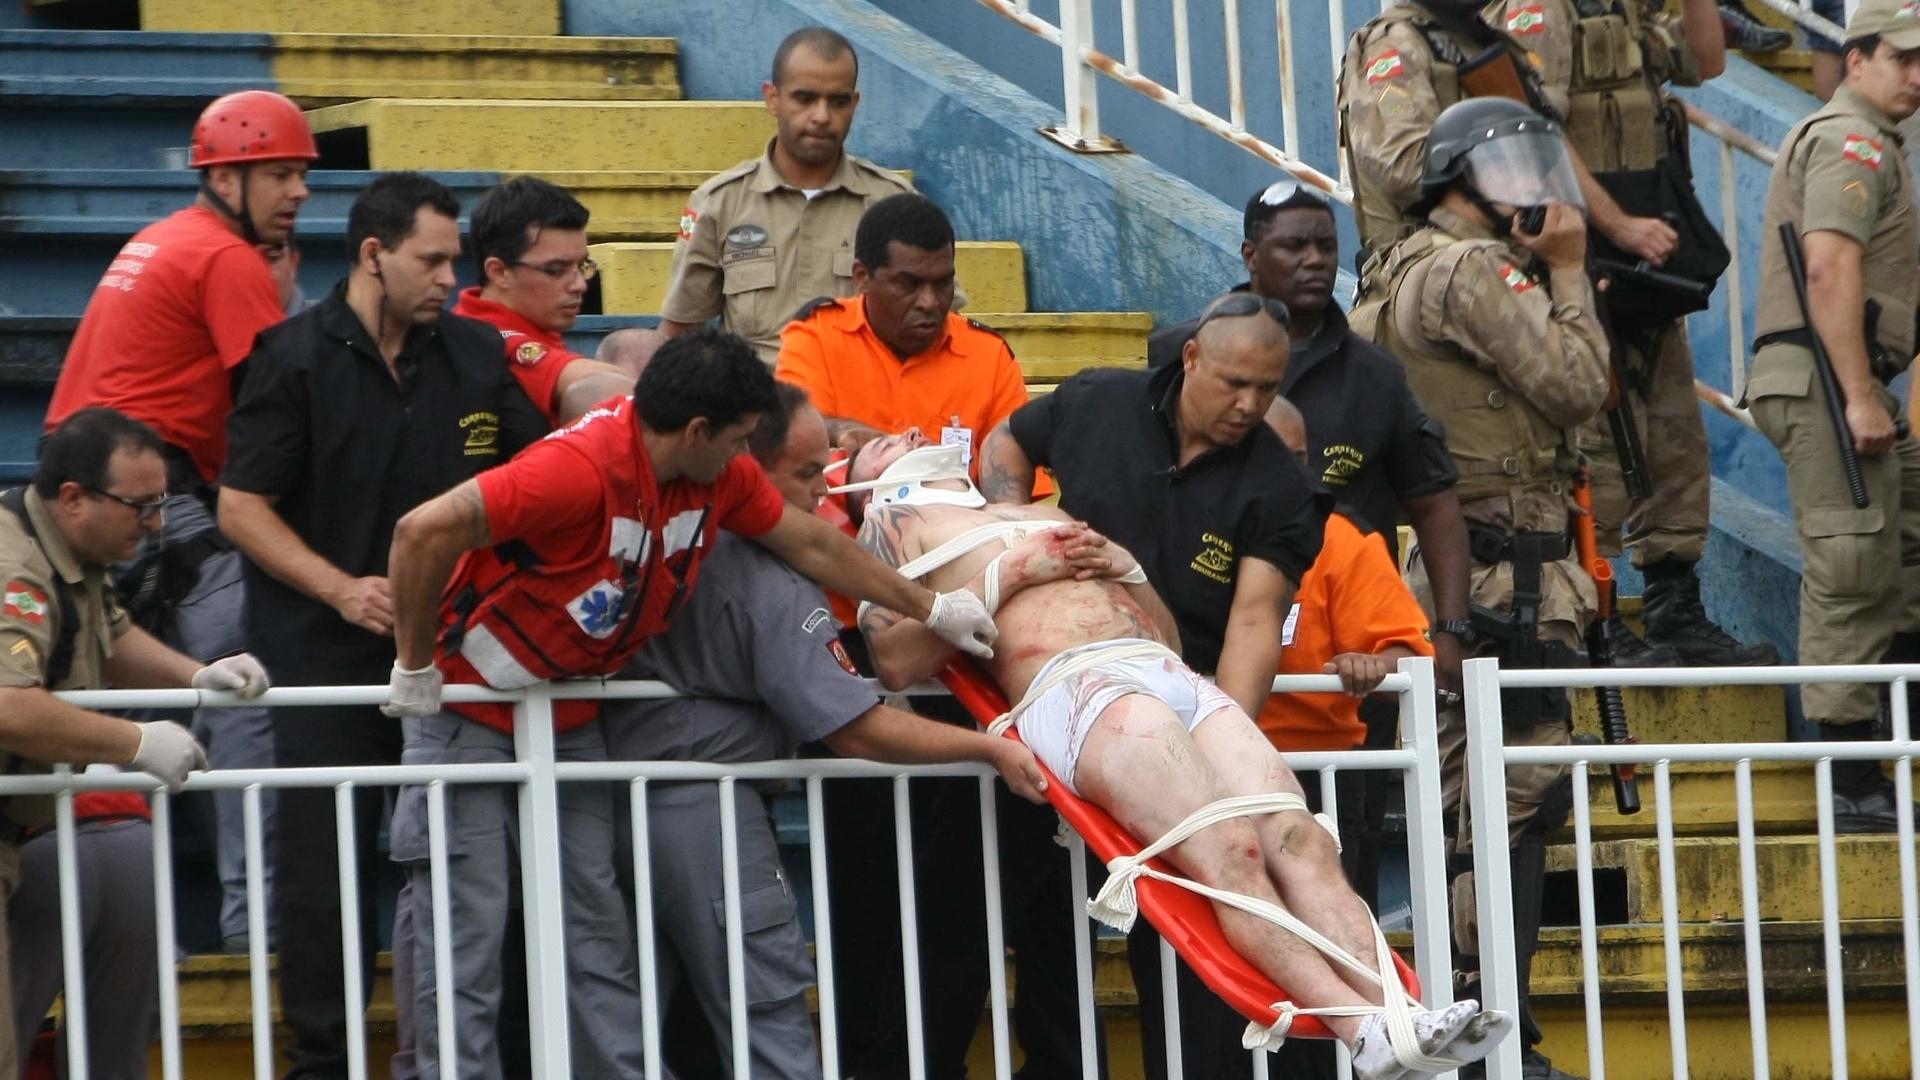 Torcedor é retirado da arquibancada após briga no jogo entre Atlético-PR x Vasco